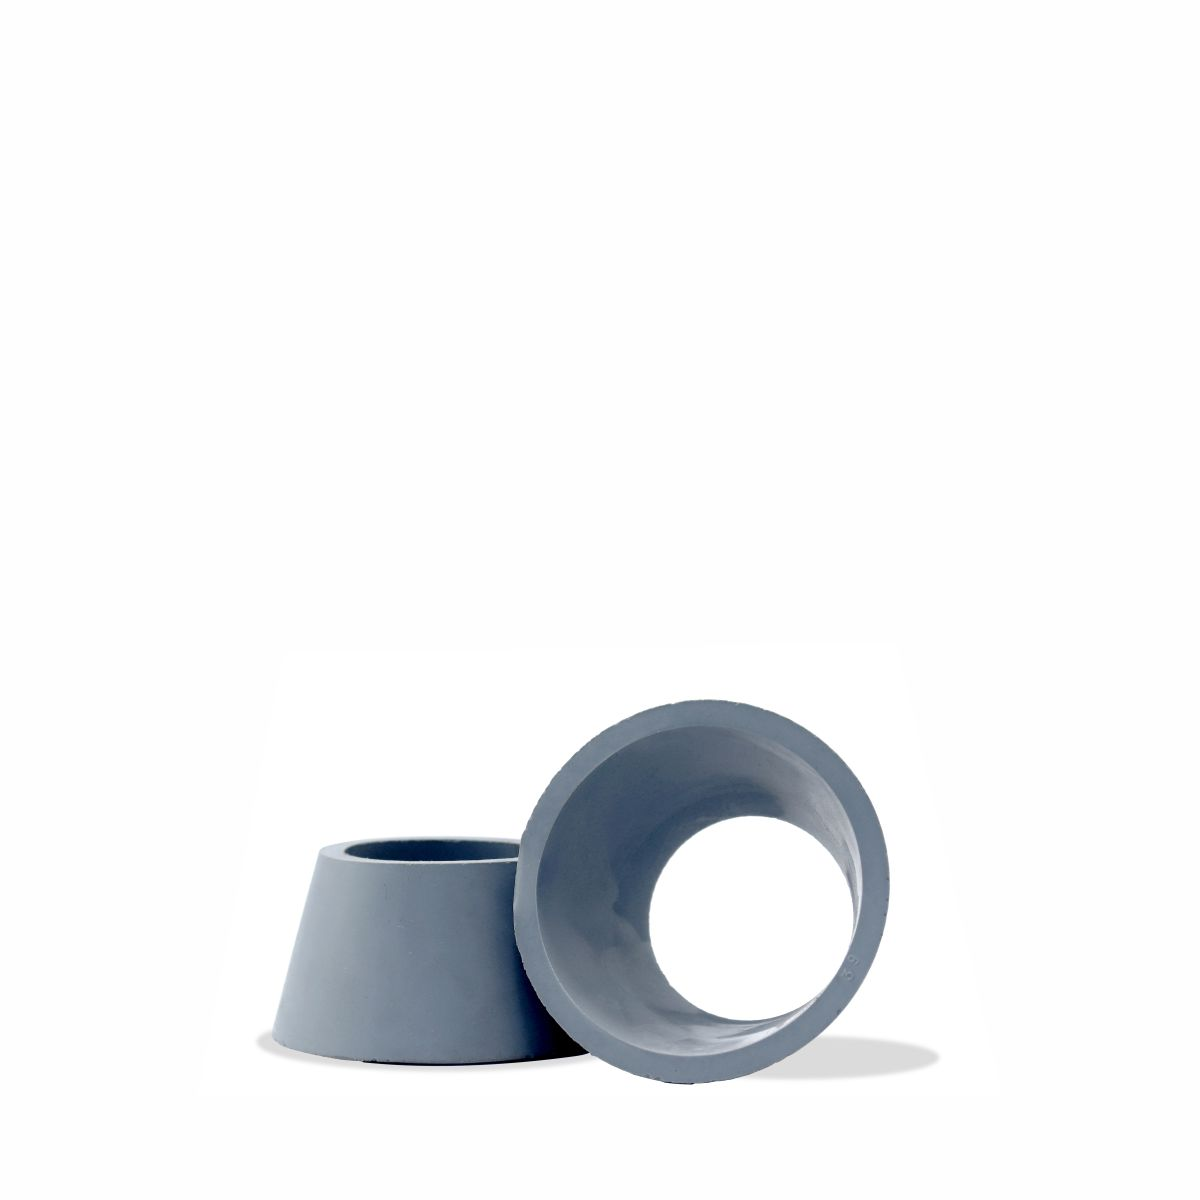 Alonga de Borracha (Guko) para Filtro com Ø Superior 76mm E Ø Inferior 52mm (5 Unidades)